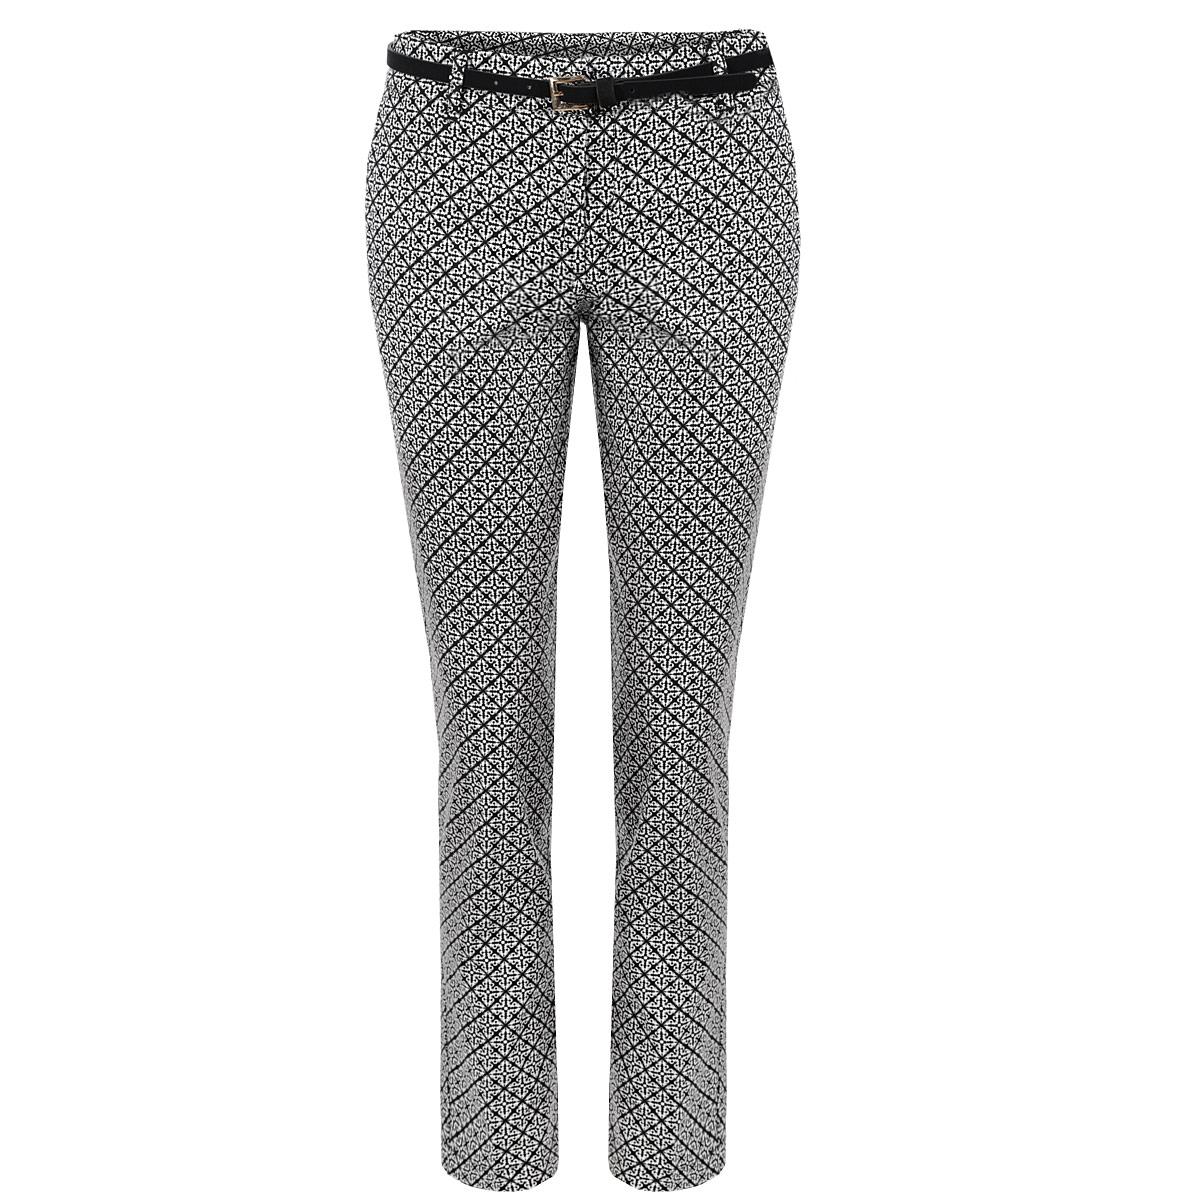 SSP1953BIСтильные женские брюки Top Secret созданы специально для того, чтобы подчеркивать достоинства вашей фигуры. Модель прямого кроя и средней посадки станет отличным дополнением к вашему современному образу. Застегиваются брюки на крючок и пуговицу в поясе и ширинку на застежке-молнии, имеются шлевки для ремня и тонкий ремешок в комплекте. Спереди модель оформлена двумя втачными карманами, а сзади - имитацией прорезных кармашков. Эти модные и в тоже время комфортные брюки послужат отличным дополнением к вашему гардеробу. В них вы всегда будете чувствовать себя уютно и комфортно.